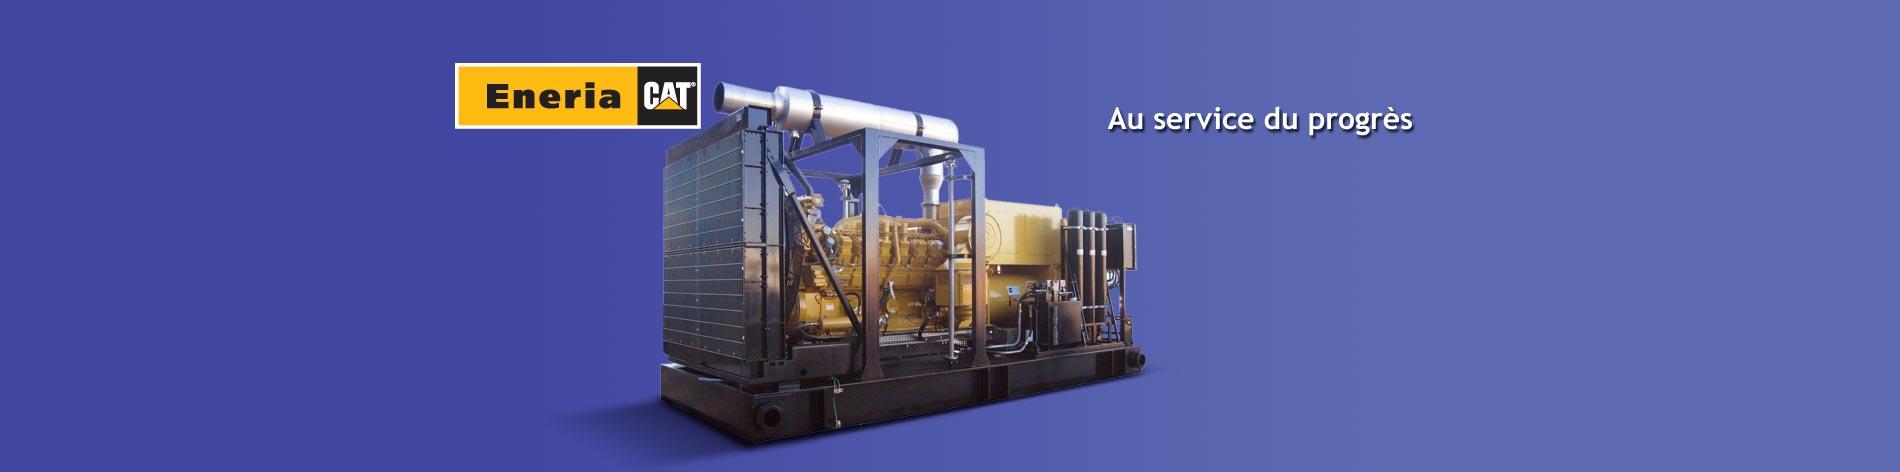 Nos moteurs Caterpillar trouvent leurs applications dans les industries pétrolières et parapétrolières.